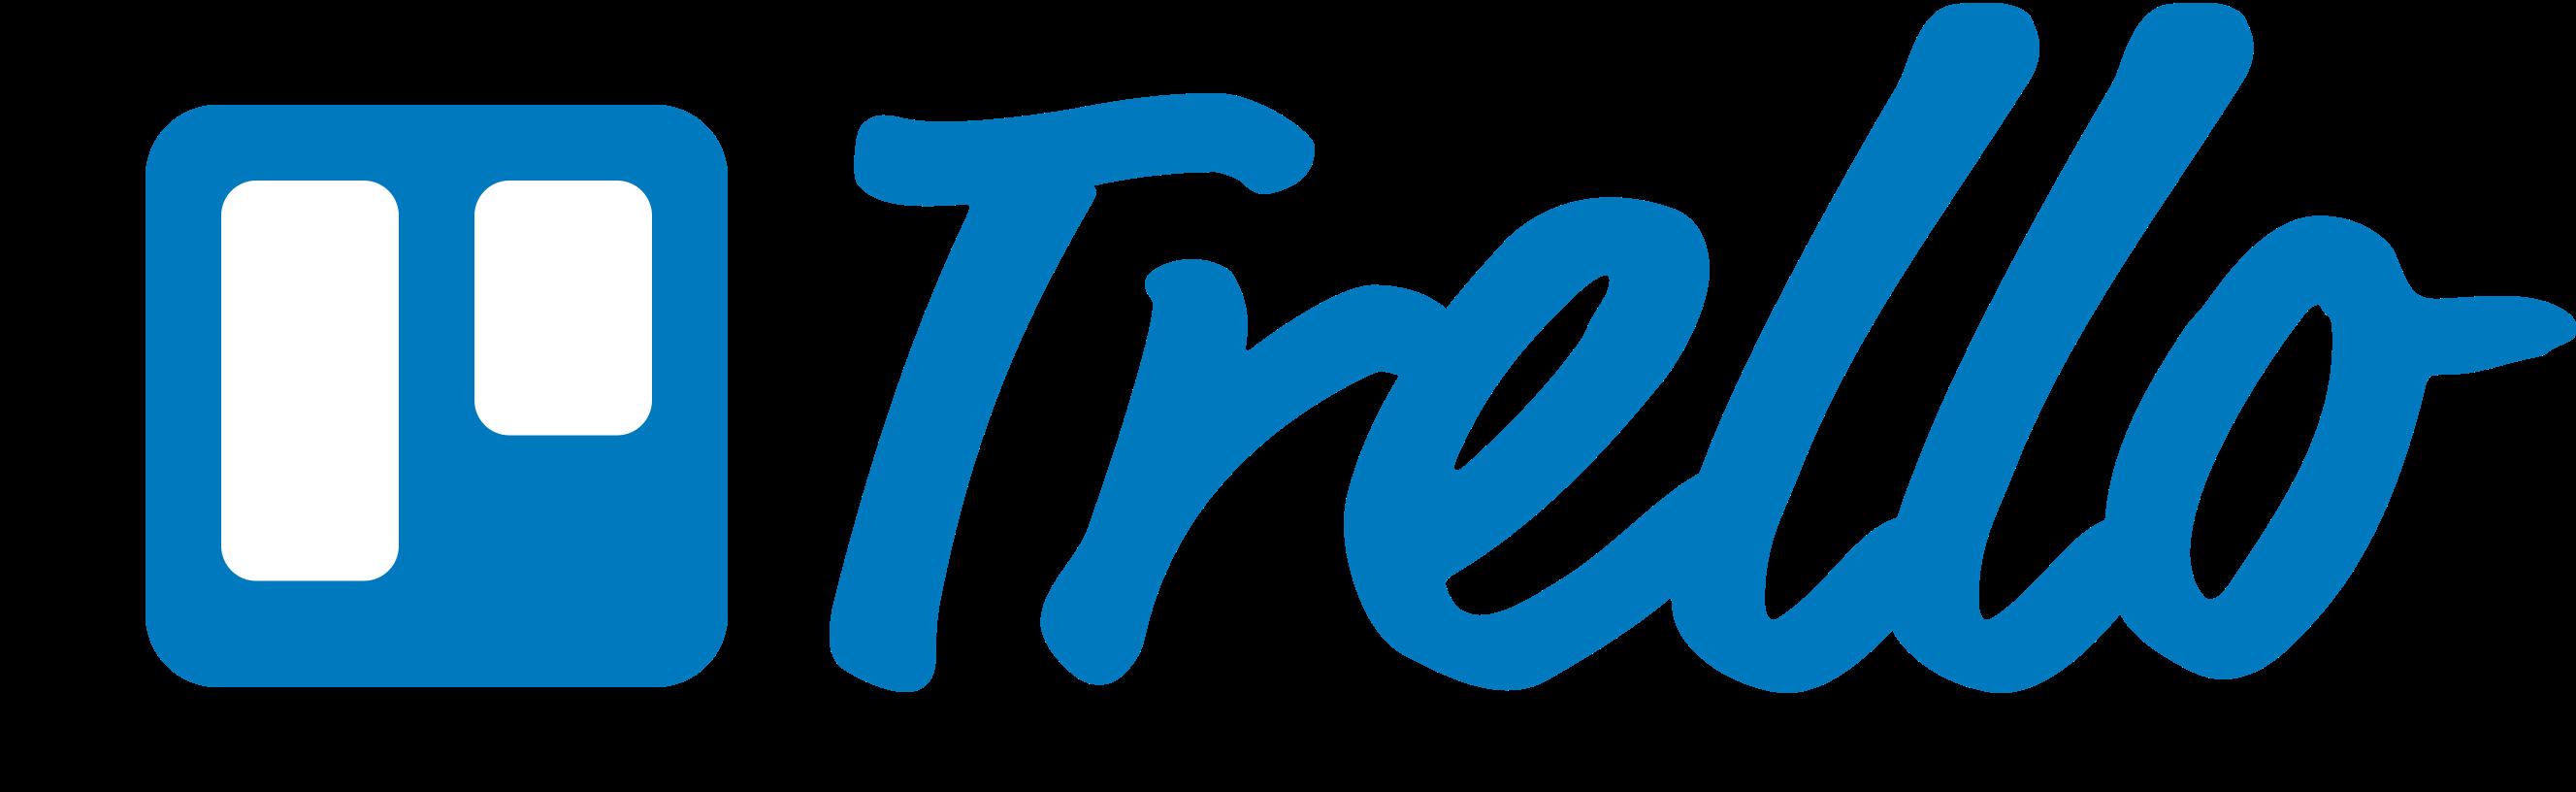 trello-logo-blue-2